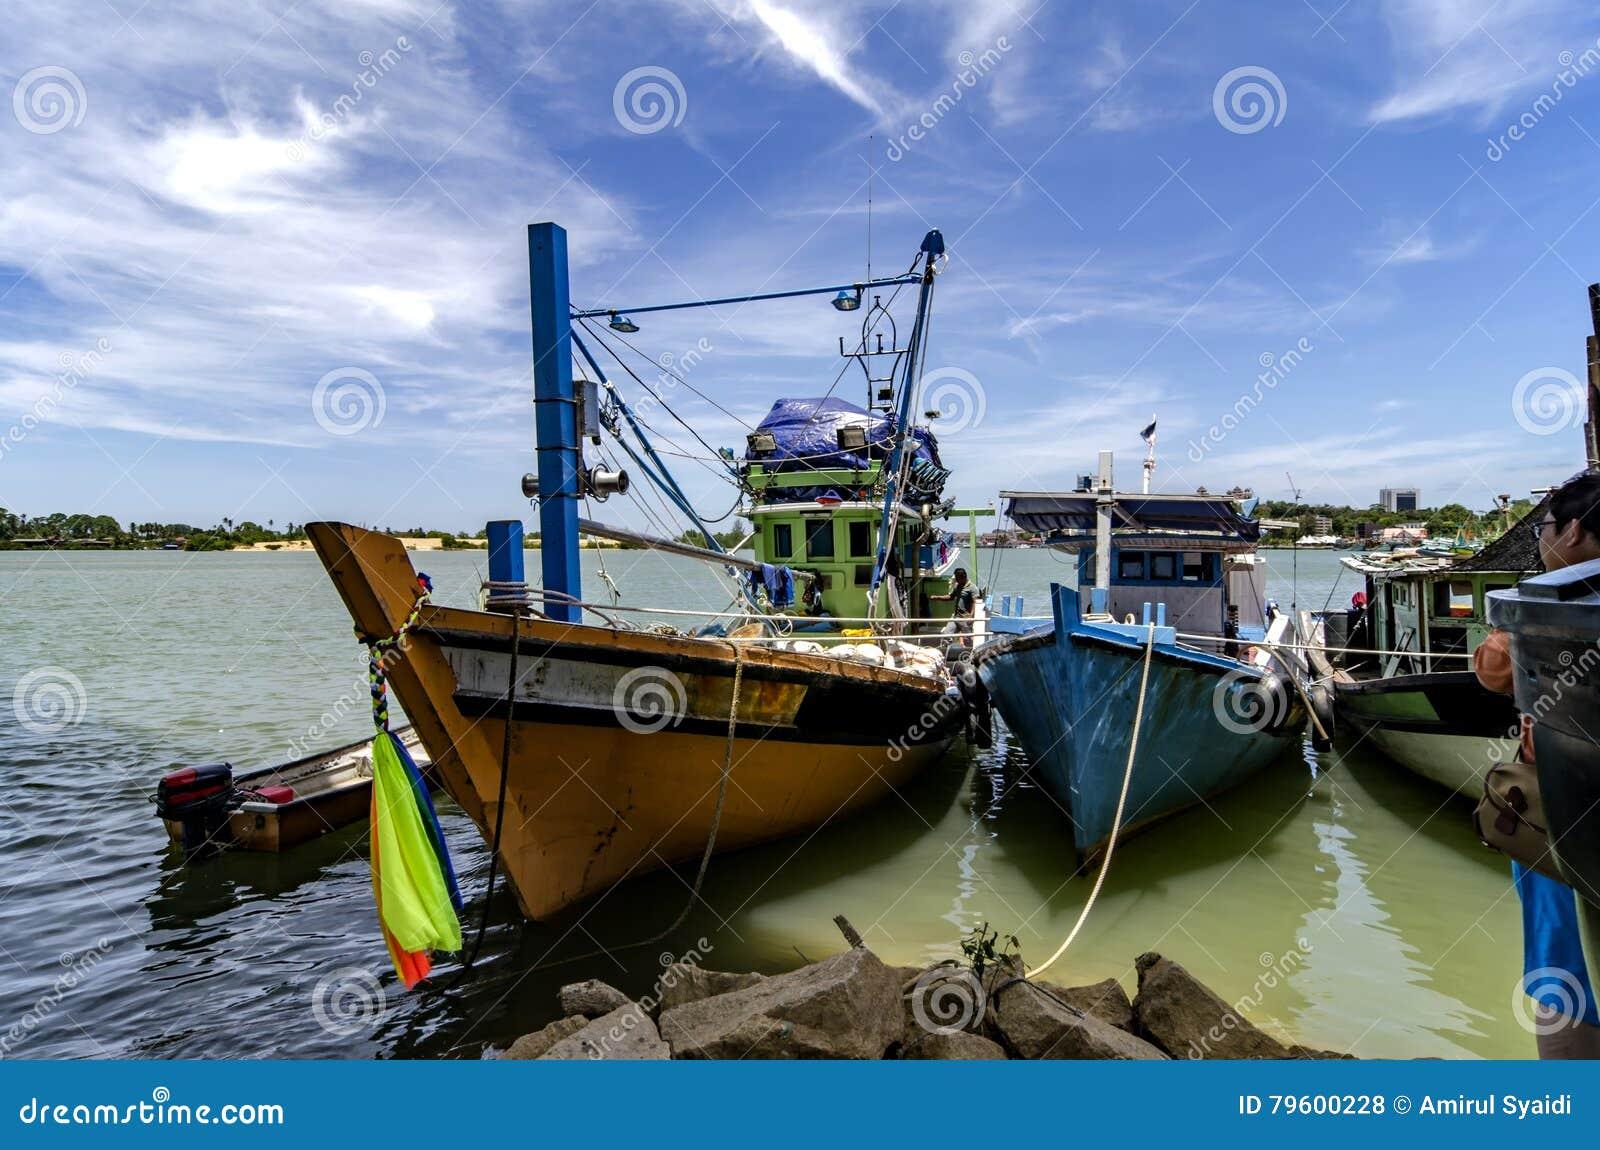 Barco do pescador ancorado sobre o céu nebuloso e azul no dia ensolarado